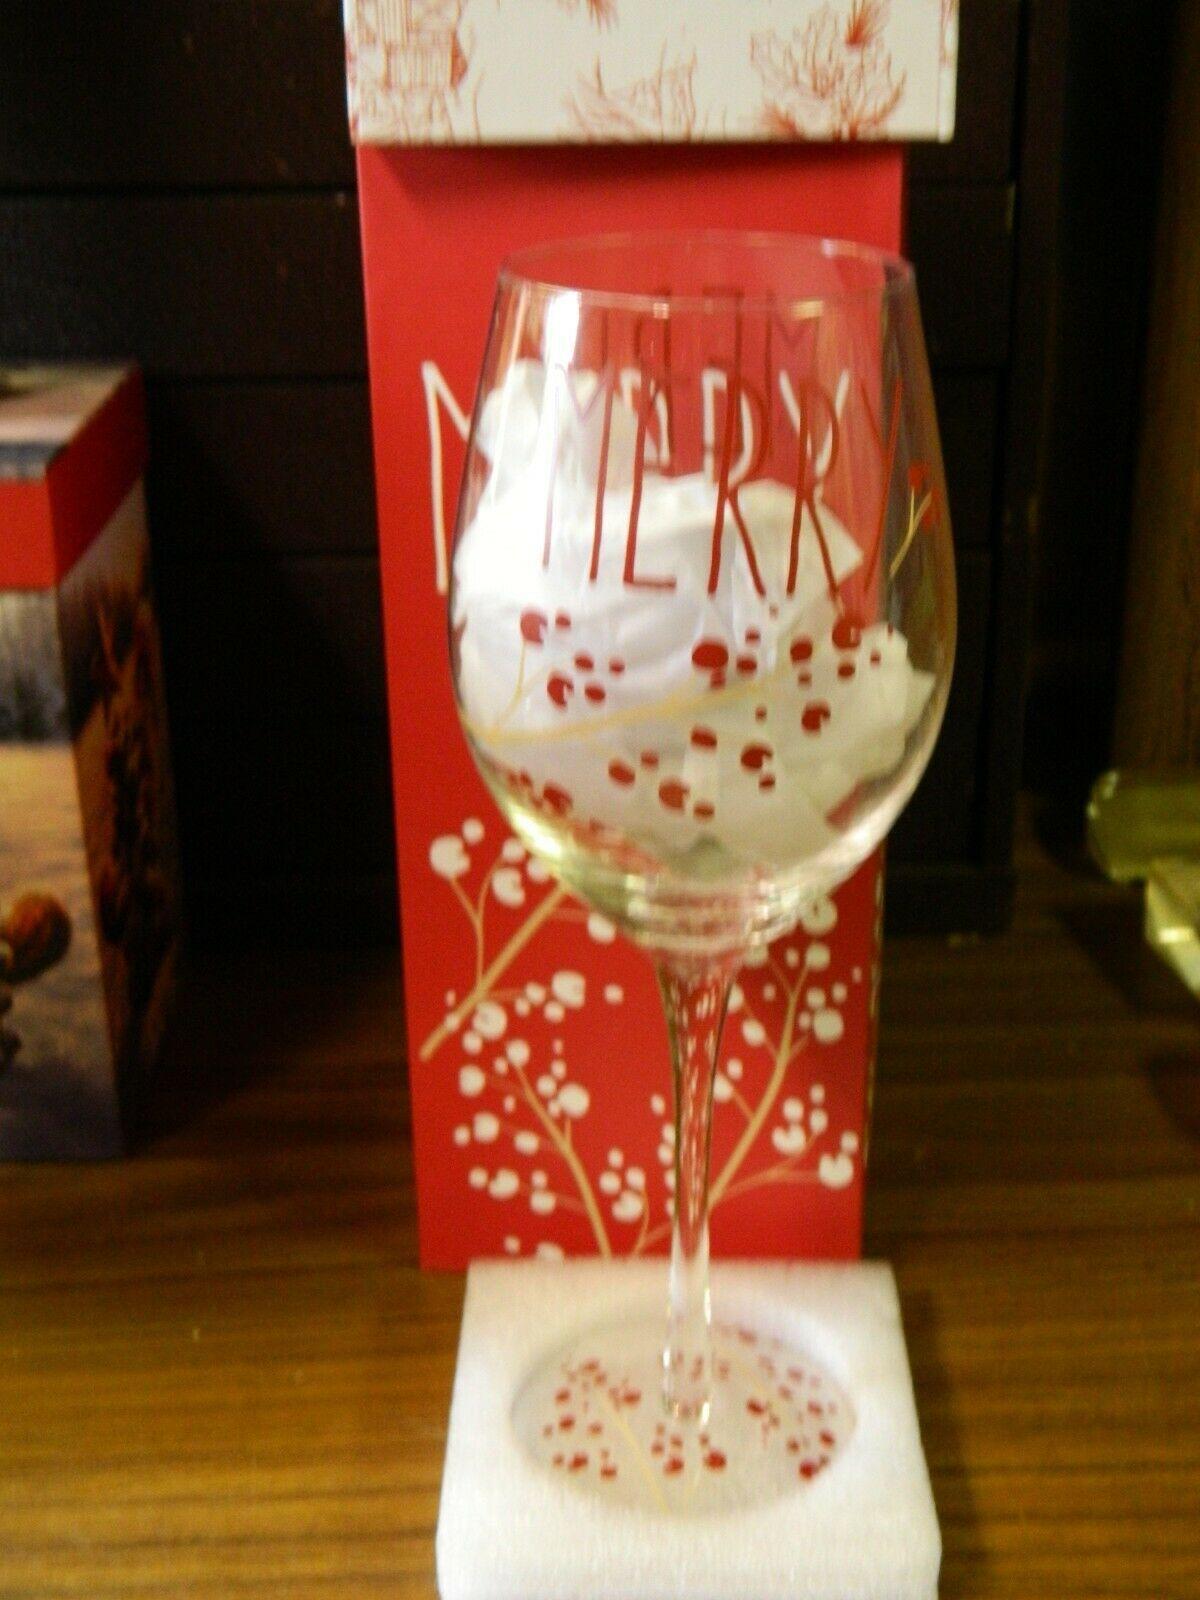 Brand New Nib Merry Christmas Wine Glass In Box 12 Oz Refresh Cypress Wine Glass Ideas Of Wine Glass Wineglass Glass Win Christmas Wine Wine Glass Glass